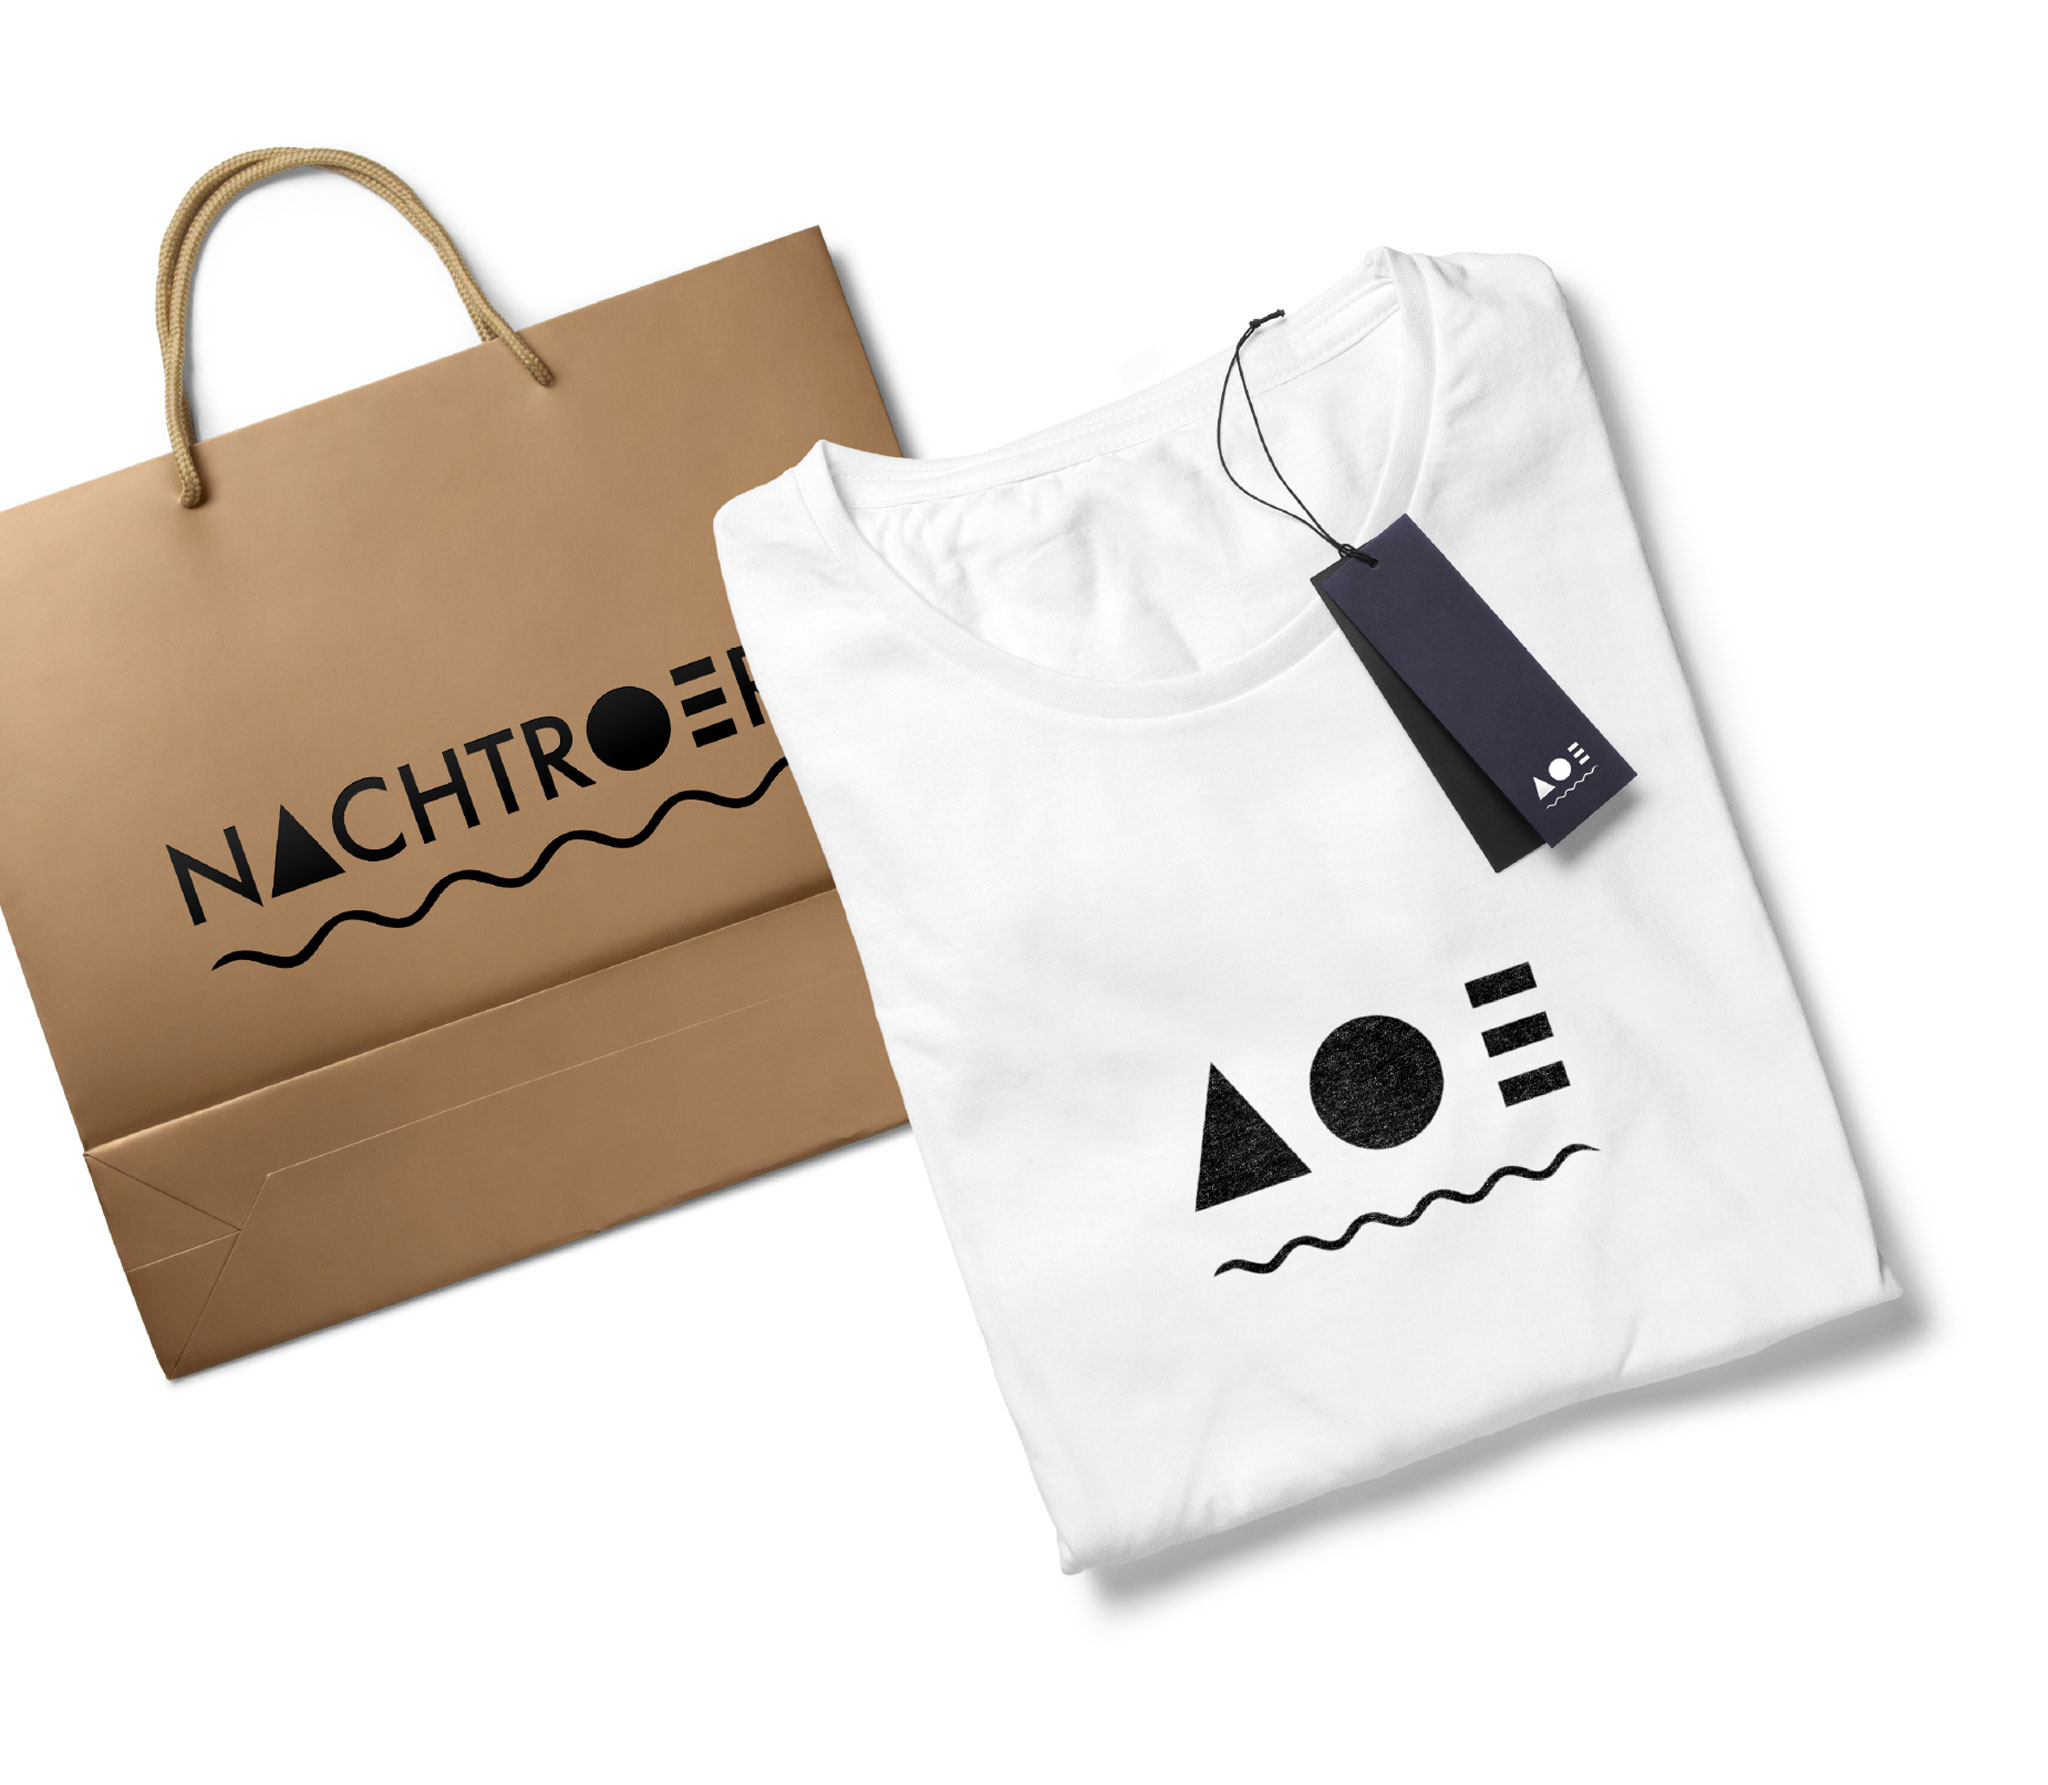 NACHTROER T-shirt